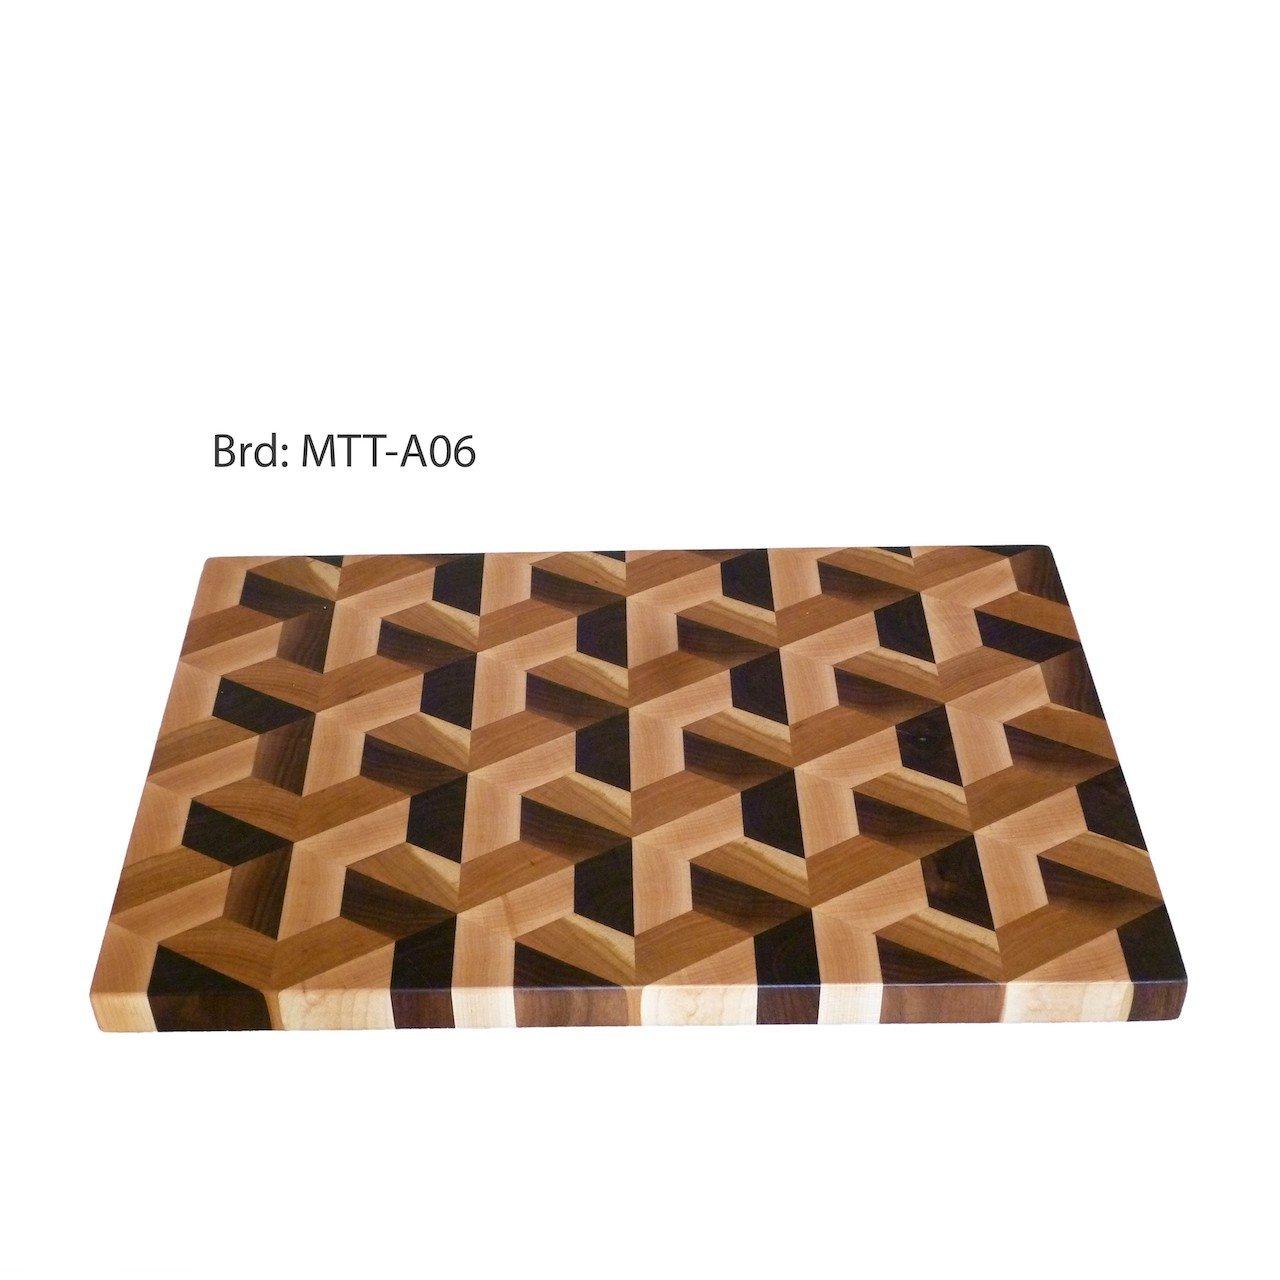 MTTT-A06